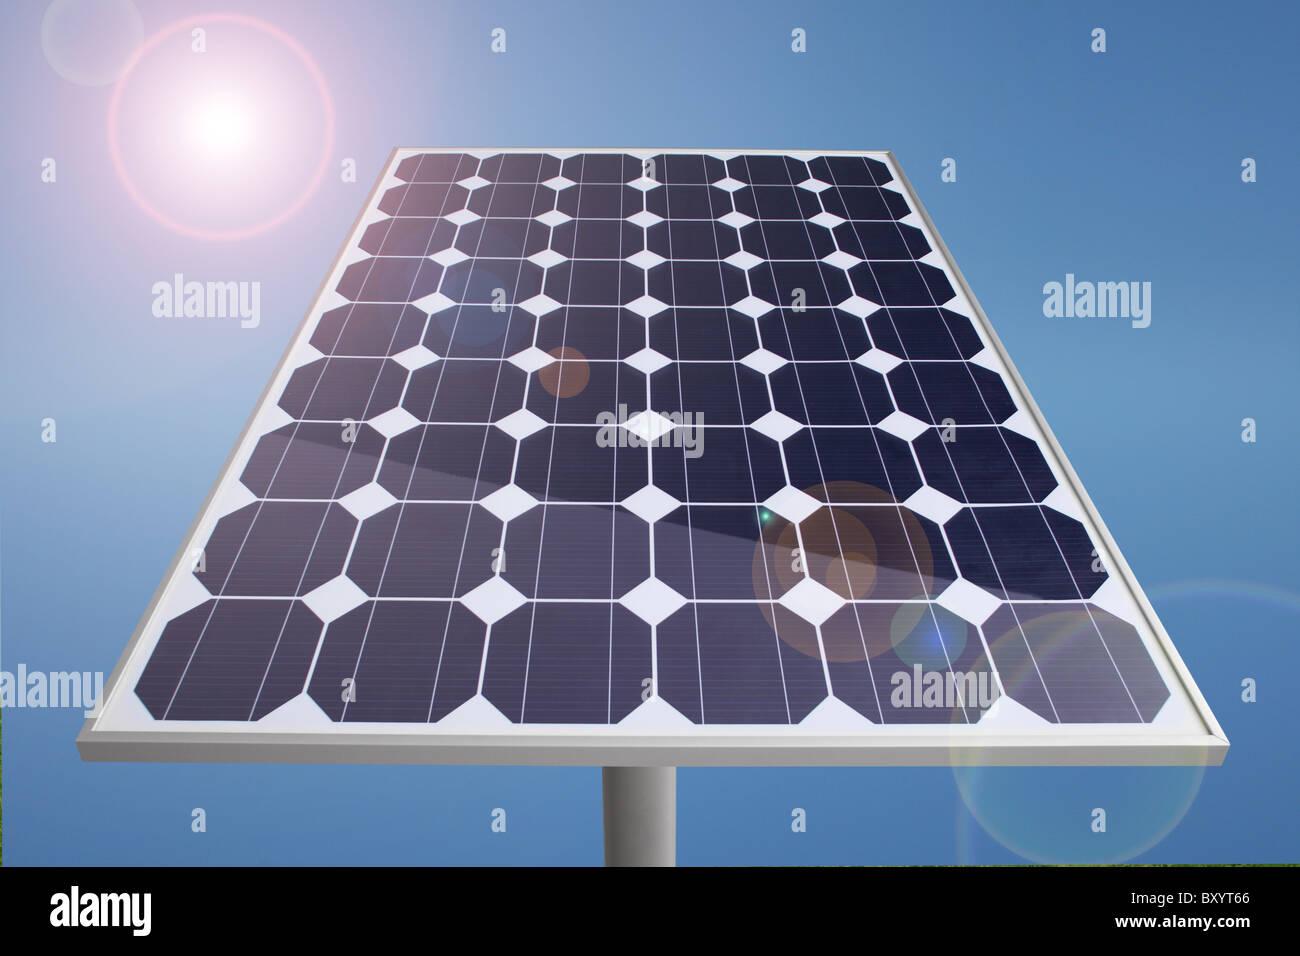 Panel solar con sol y cielo azul Imagen De Stock